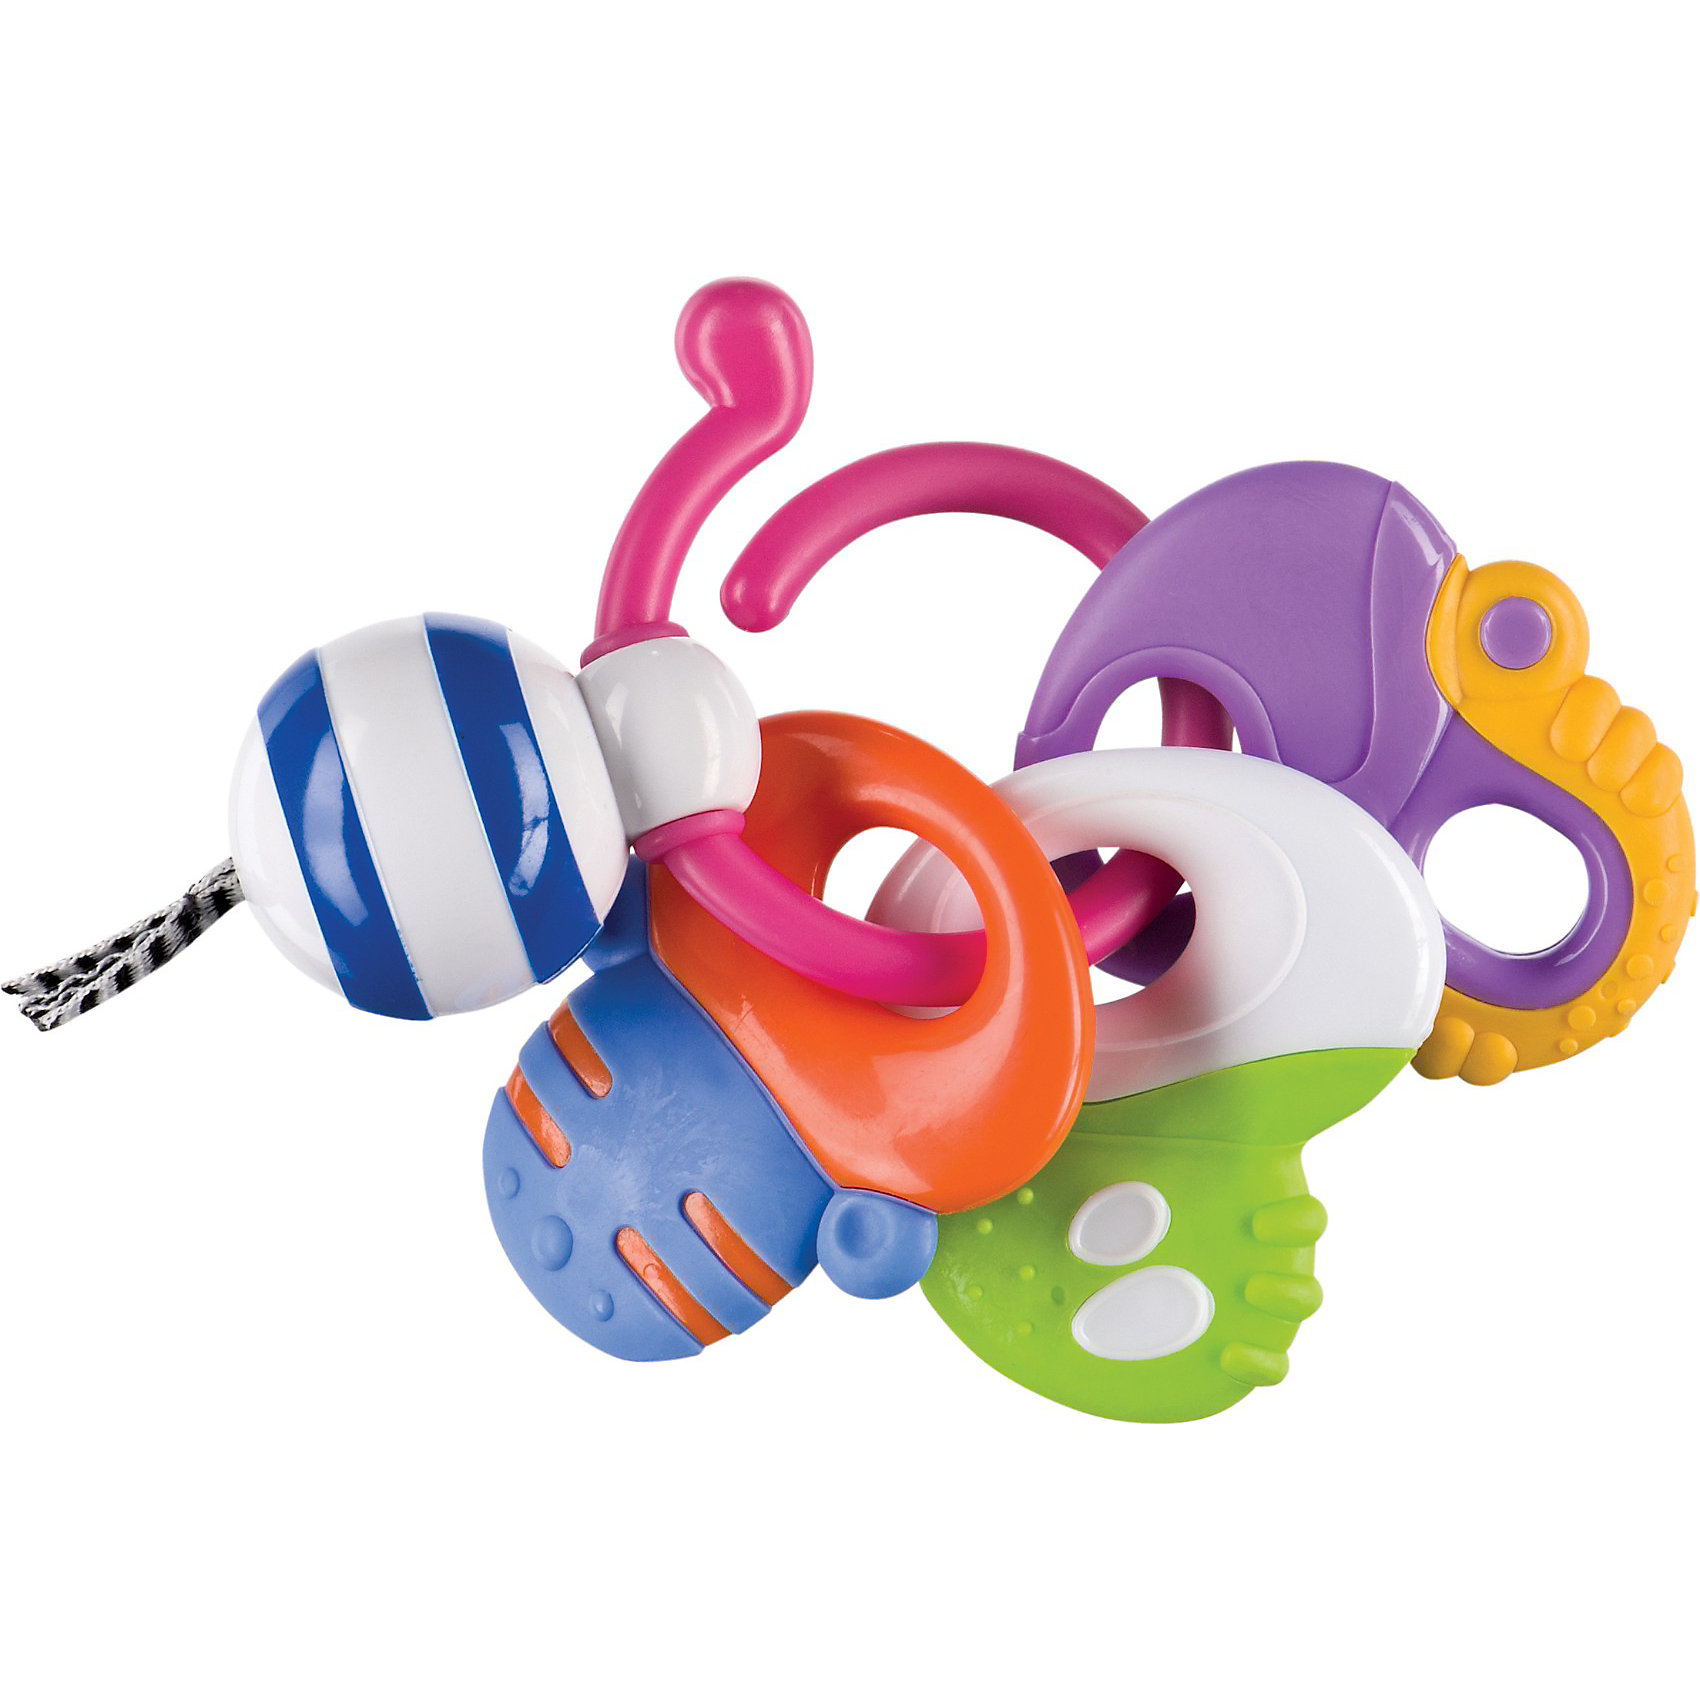 Погремушка-прорезыватель Веселые ключи,  Happy BabyПогремушка-прорезыватель Веселые ключи,  Happy Baby (Хэппи Беби) – яркая погремушка-прорезыватель с мягкой текстурированной поверхностью.<br>Развивающая игрушка-прорезыватель Happy Baby Веселые ключи выполнена из яркого безопасного пластика в виде незамкнутого кольца, к которому крепятся три ключика-прорезывателя. Каждый ключик имеет удобную форму и рельефную поверхность, которая эффективно массирует десны ребенка и уменьшает дискомфорт при появлении зубов. Малыш с удовольствием будет передвигать ключики из стороны в сторону. Также к кольцу крепится подвижный шарик с тремя короткими текстильными шнурочками. Погремушка-прорезыватель Веселые ключи поможет ребенку в развитии цветового и звукового восприятия, мелкой моторики рук и тактильных ощущений.<br><br>Дополнительная информация:<br><br>- Размер: 14 х 5,5 х 13 см.<br>- Размер упаковки: 20,5 x 14,5 x 5,5 см.<br><br>Погремушку-прорезыватель Веселые ключи,  Happy Baby (Хэппи Беби) можно купить в нашем интернет-магазине.<br><br>Ширина мм: 205<br>Глубина мм: 20<br>Высота мм: 145<br>Вес г: 112<br>Возраст от месяцев: 3<br>Возраст до месяцев: 36<br>Пол: Унисекс<br>Возраст: Детский<br>SKU: 3918477